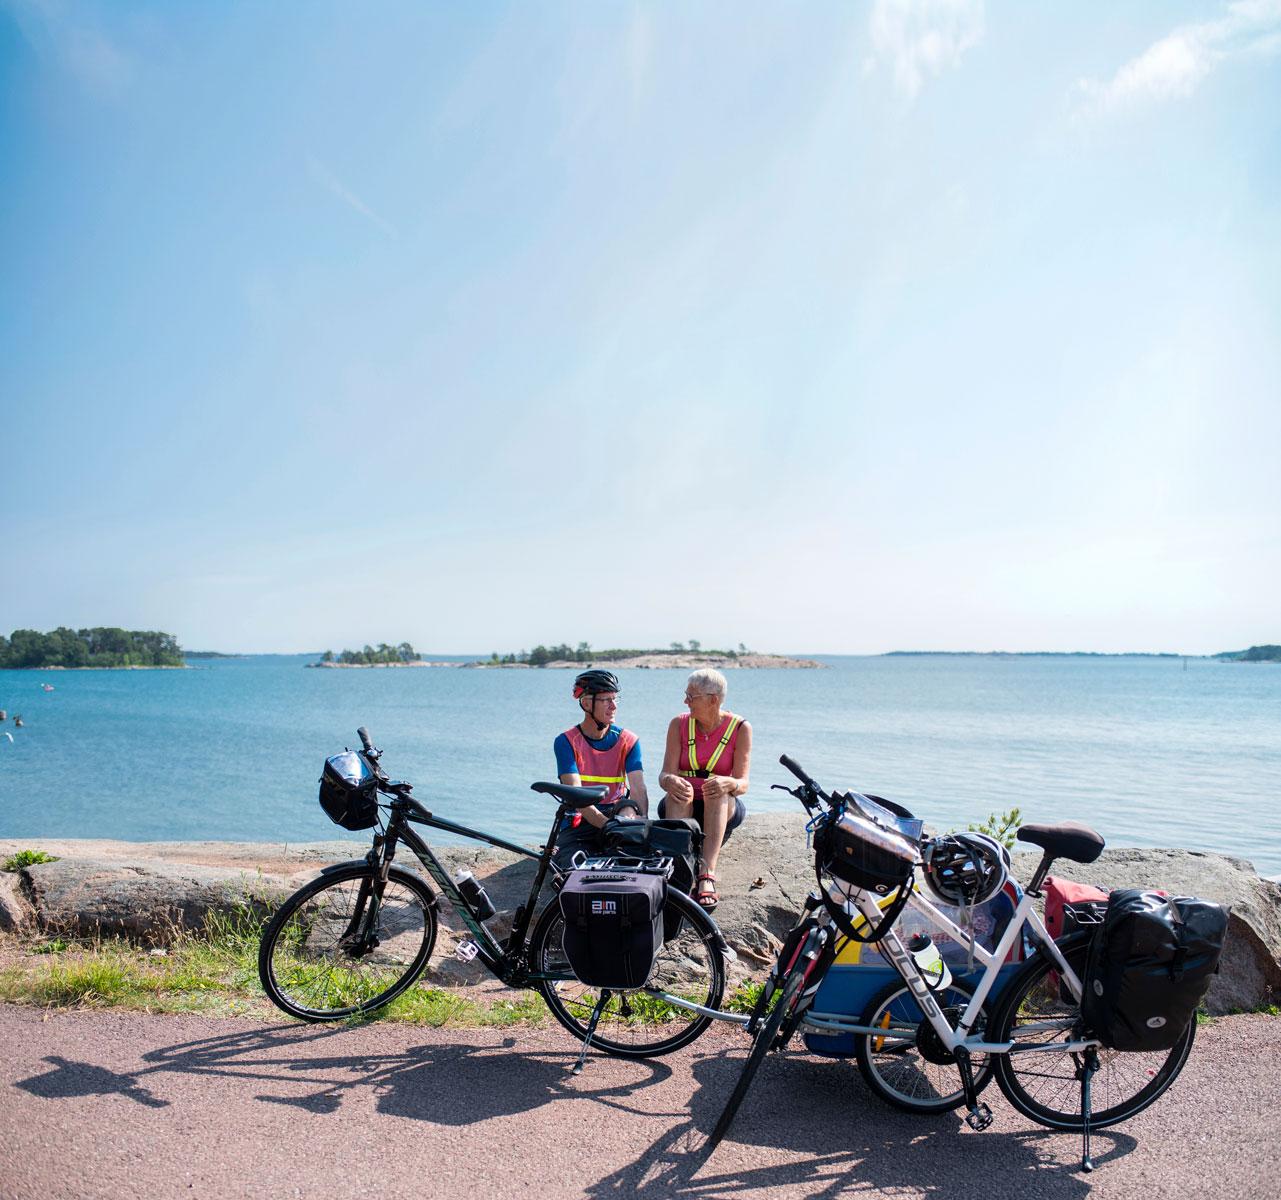 Kaksi ihmistä istuu kallioilla meren äärellä edessään pyörät. Ahvenanmaa on erinomainen pyöräilypaikka.